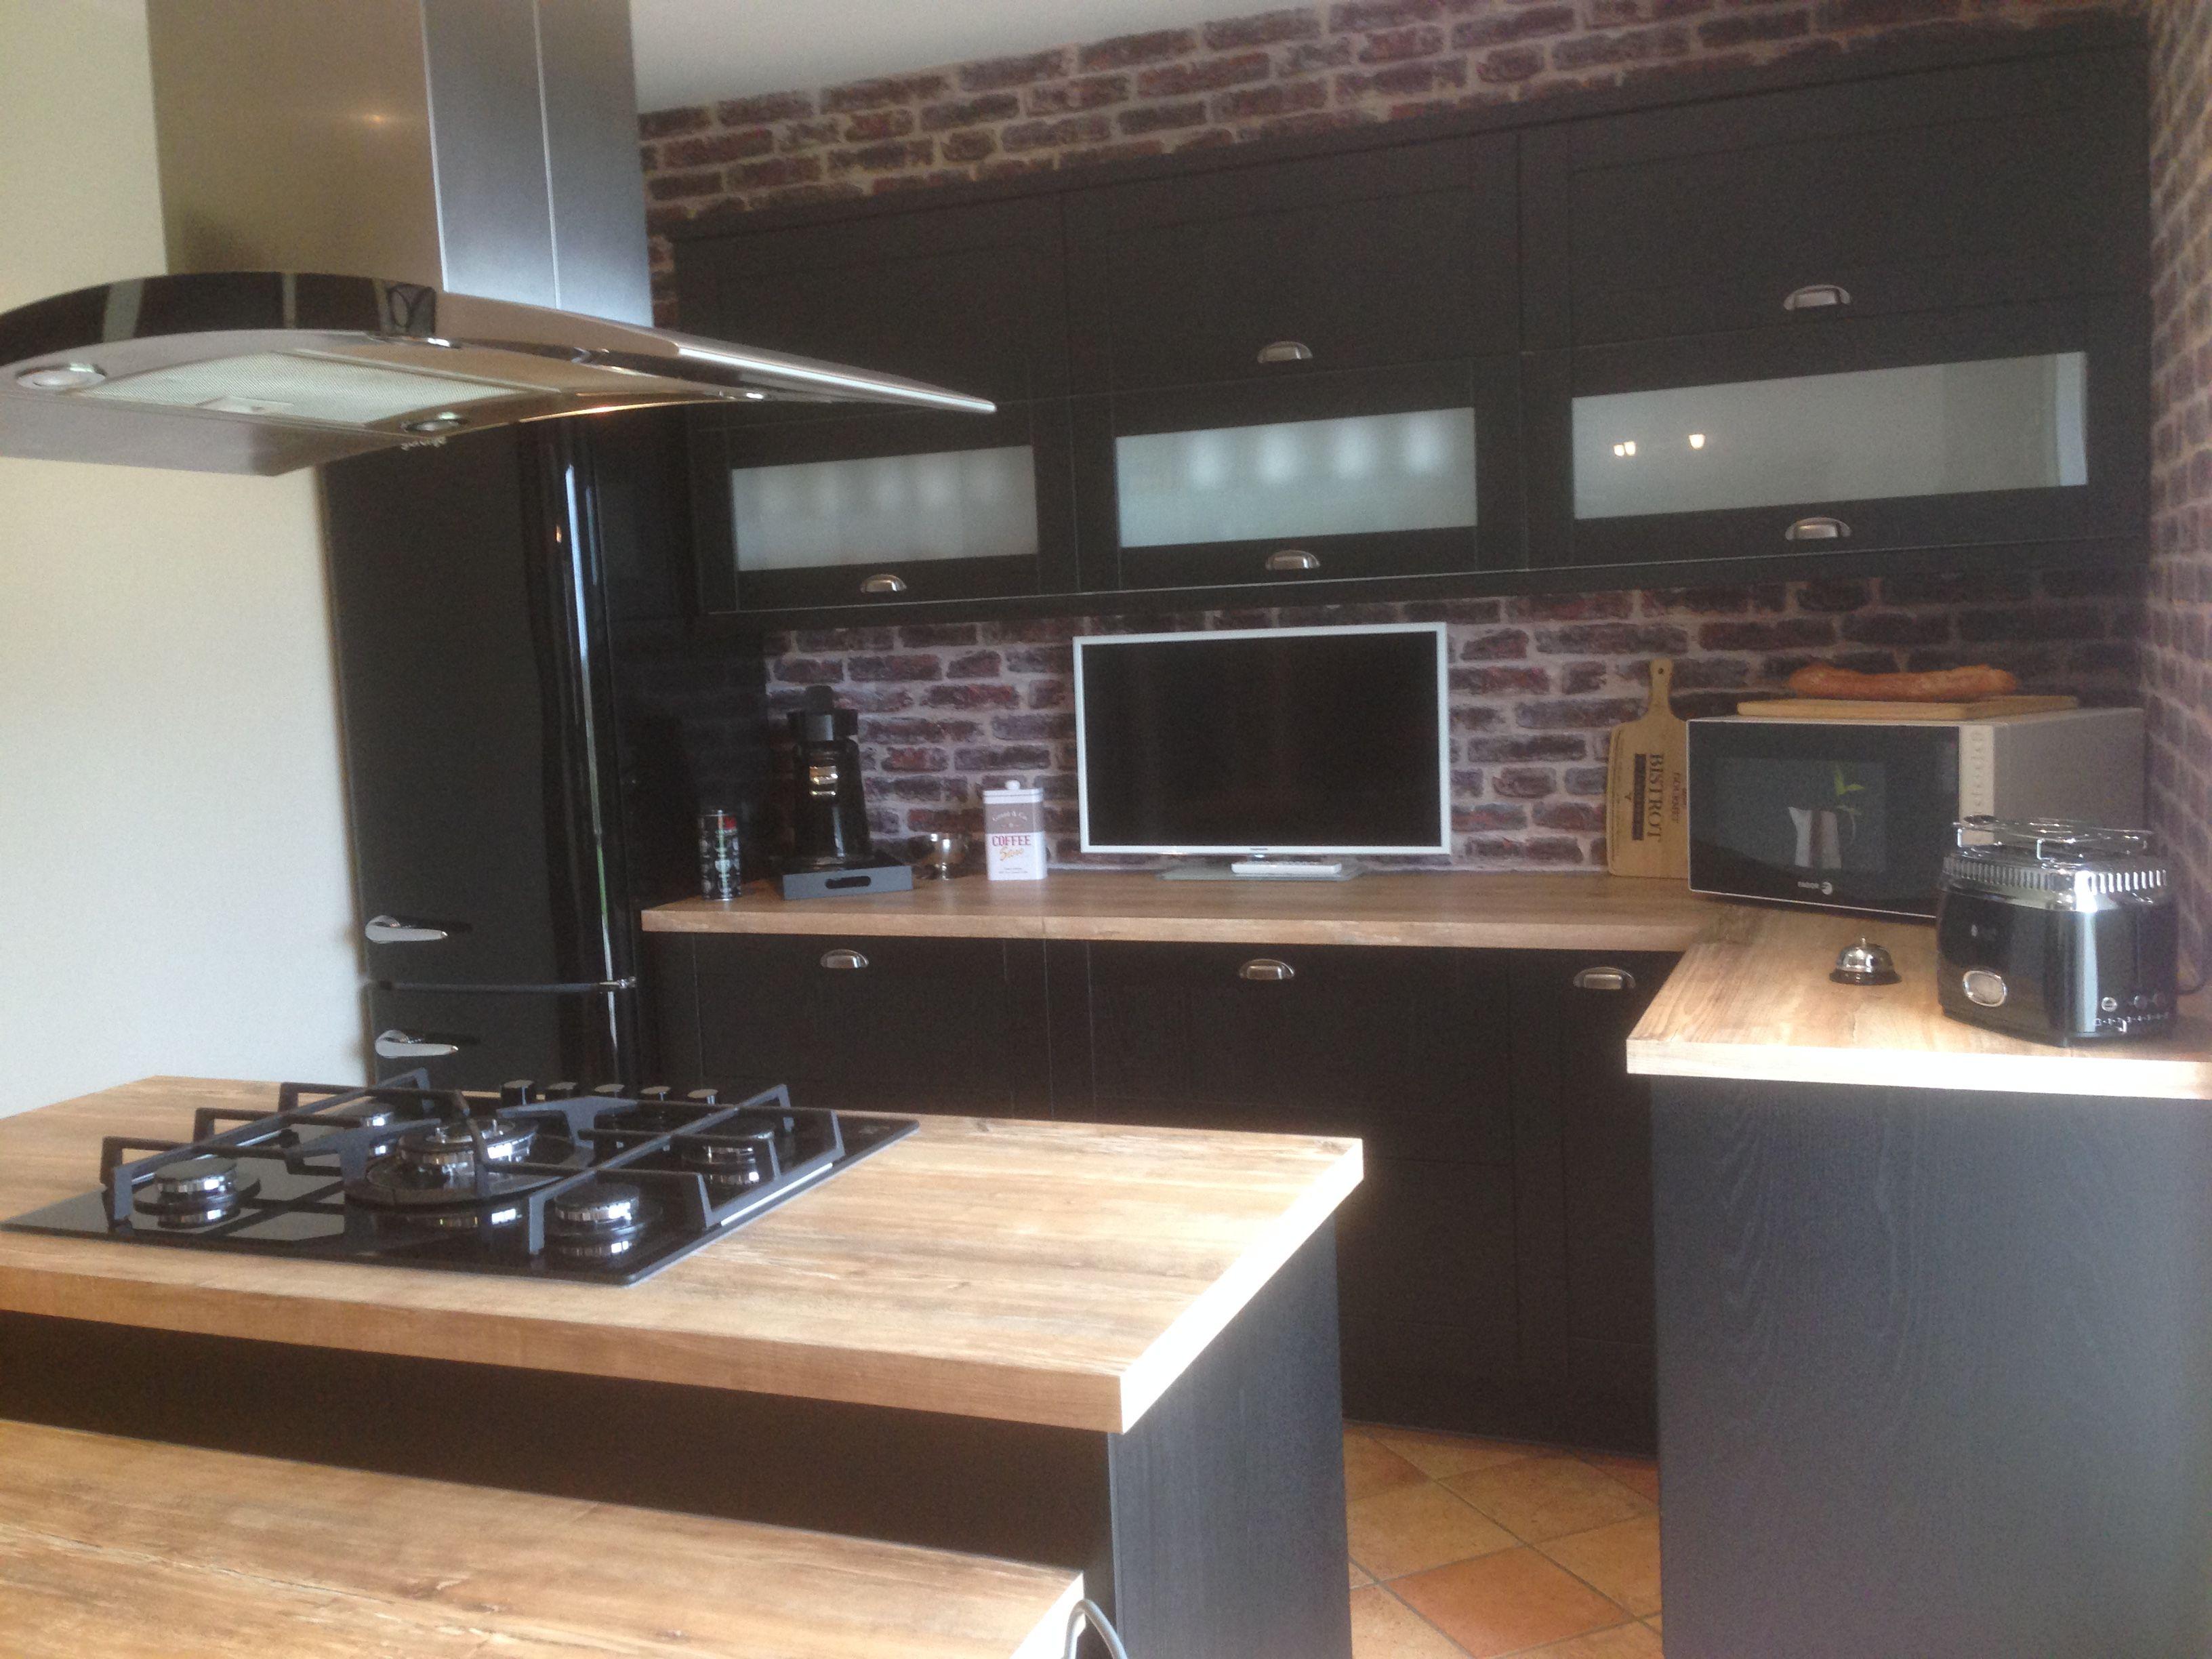 apr s plusieurs mois de r flection voici enfin mon projet r alis ma cuisine bistrot noire. Black Bedroom Furniture Sets. Home Design Ideas